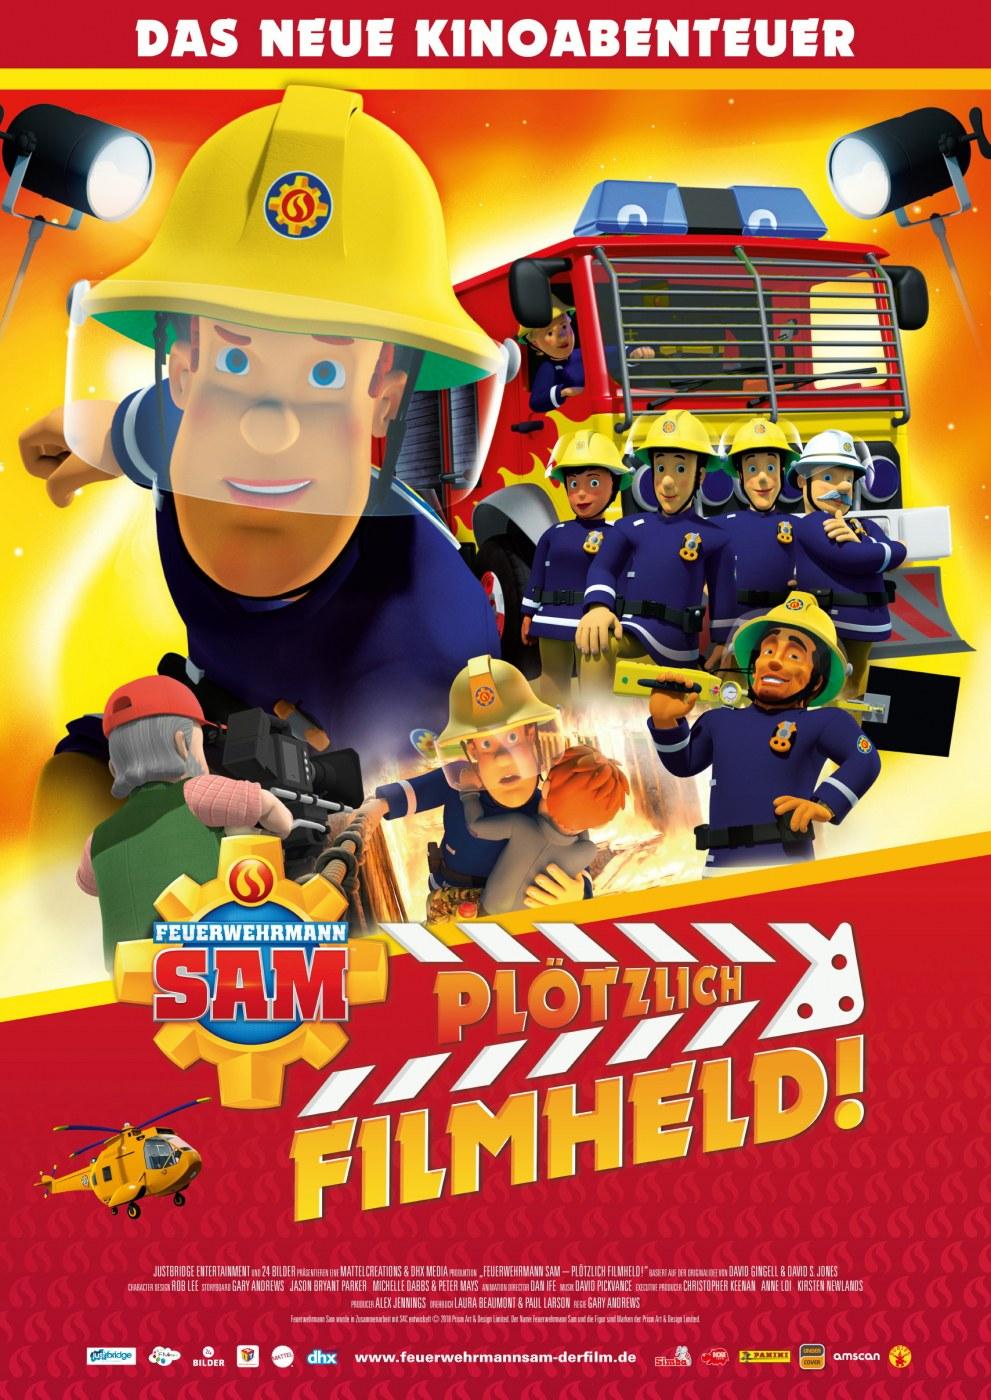 Feuerwehrmann Sam Chemnitz